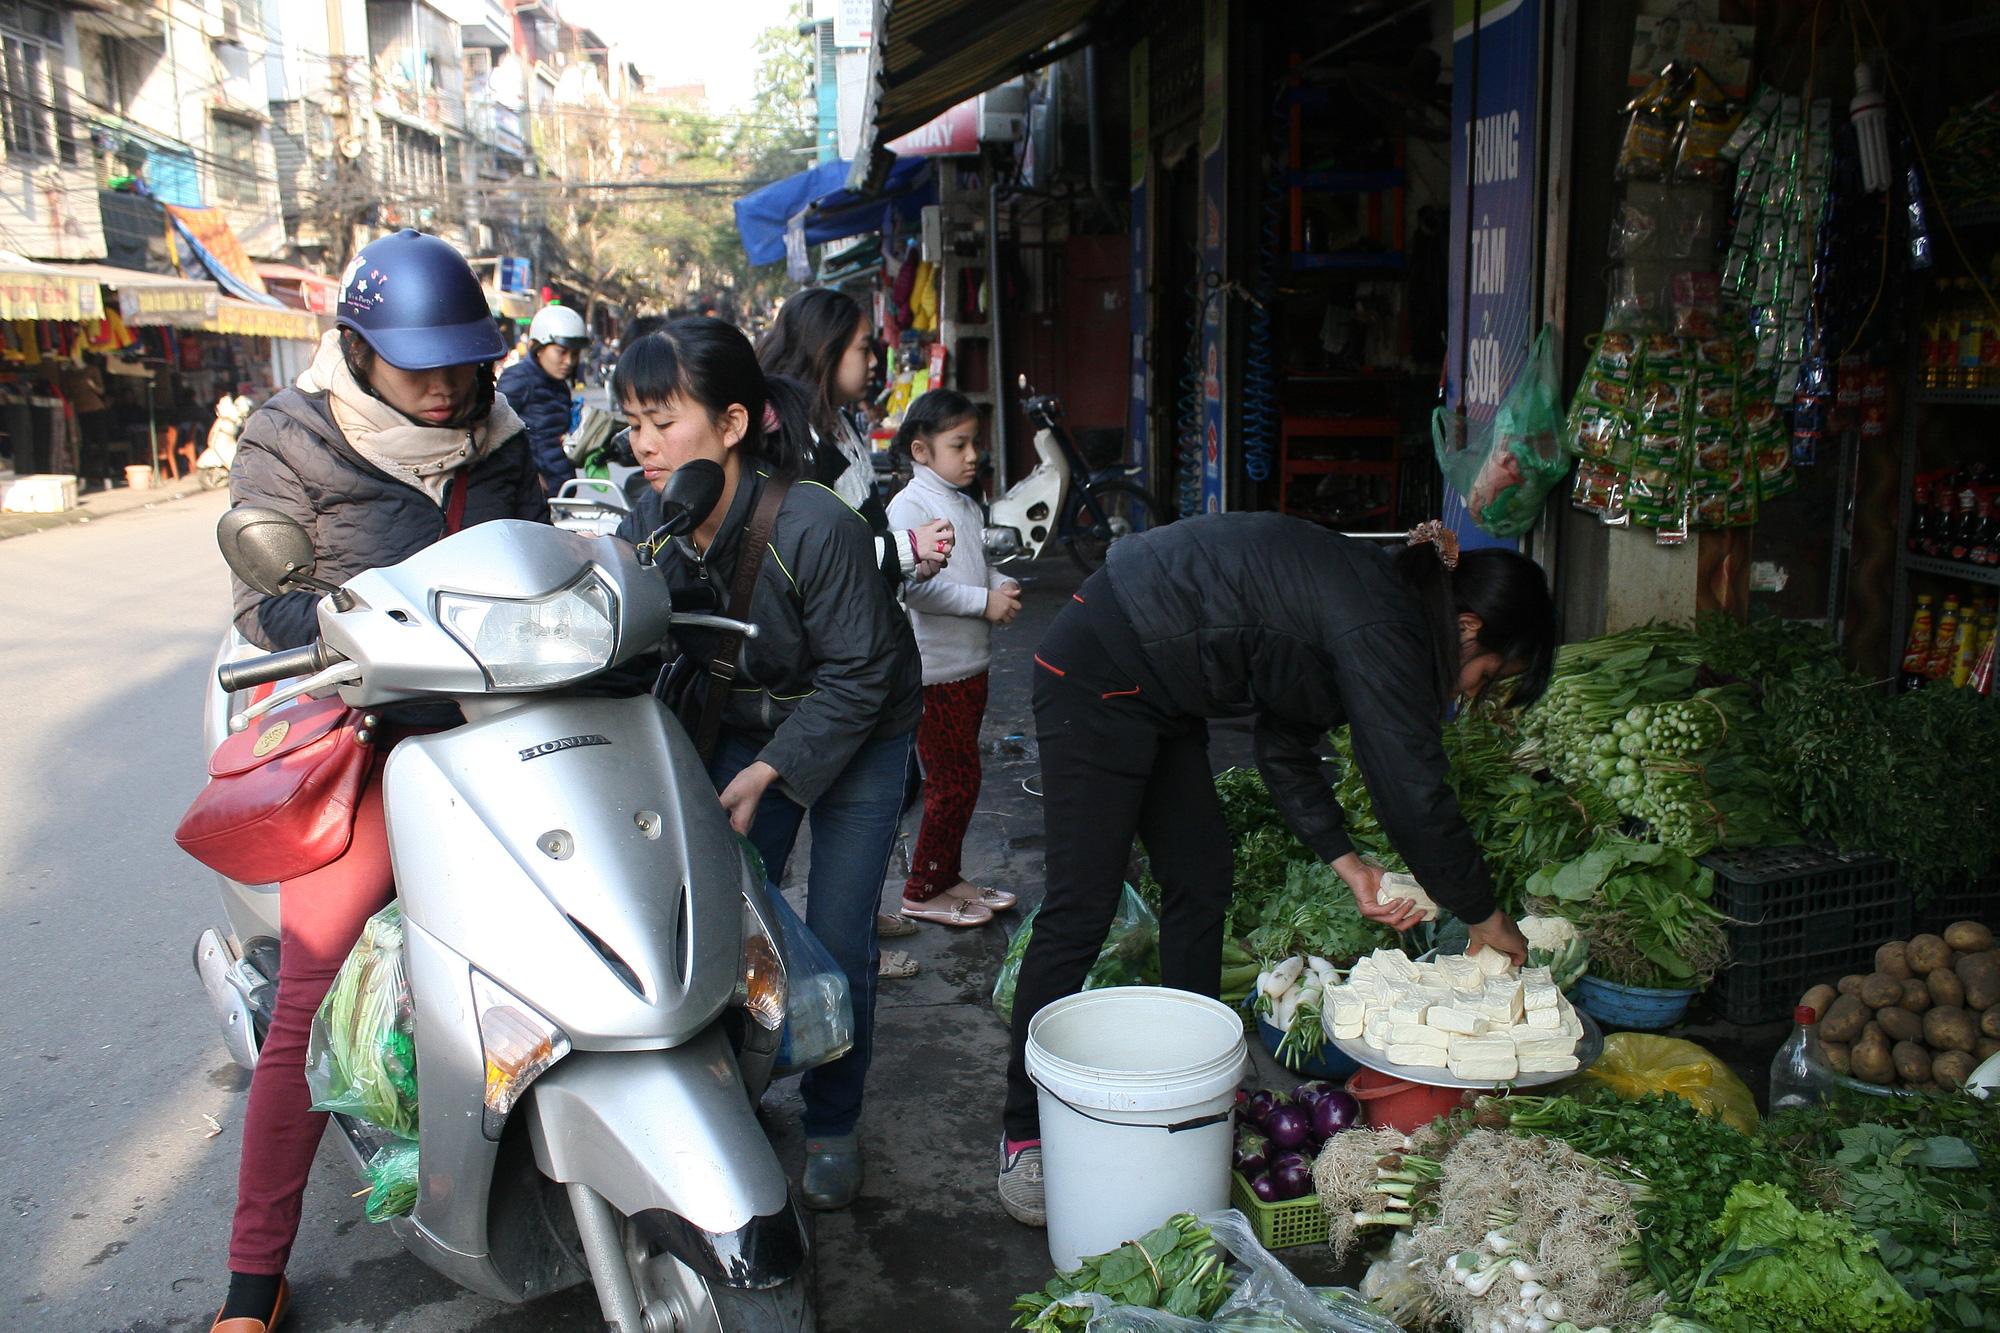 Giá thịt lợn ổn định, thịt gà, bò tăng nhẹ ngày 30 Tết Tân Sửu 2021 - Ảnh 1.